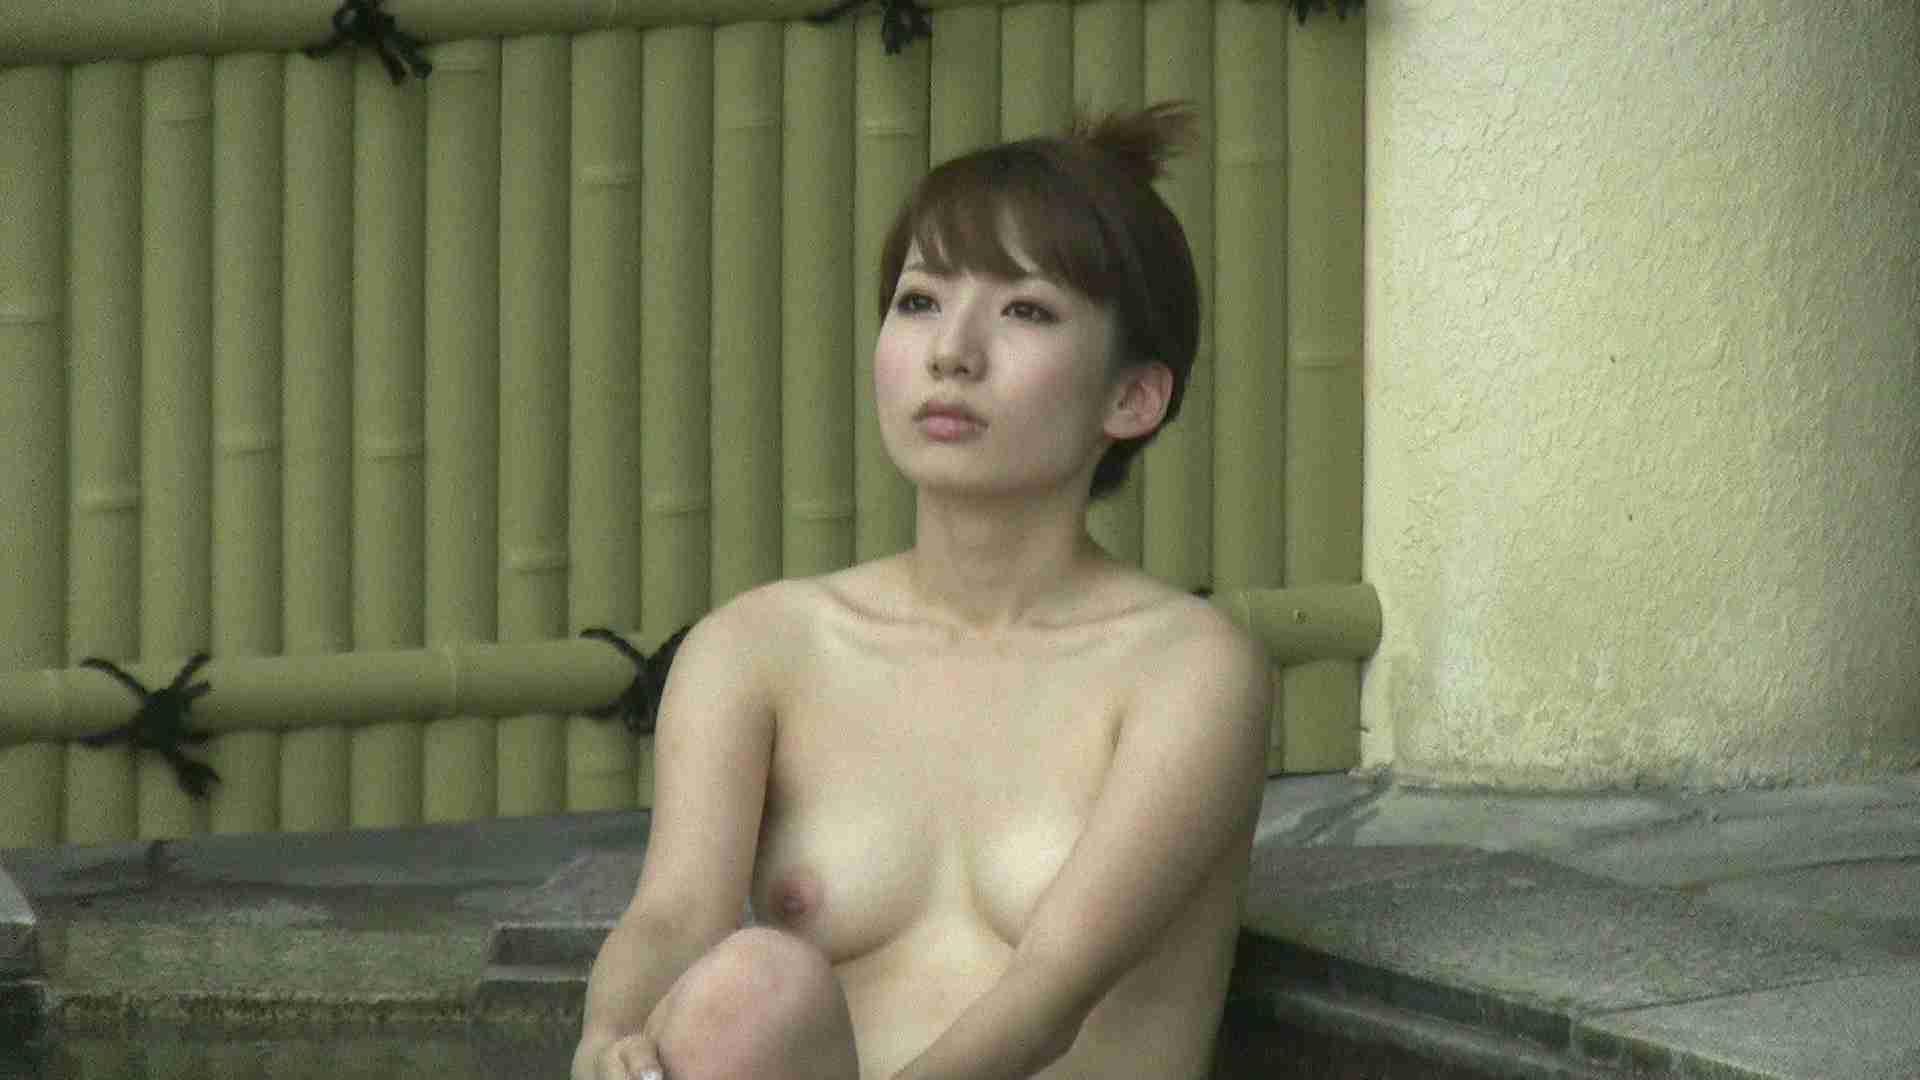 Aquaな露天風呂Vol.208 露天風呂 | 盗撮  54連発 7